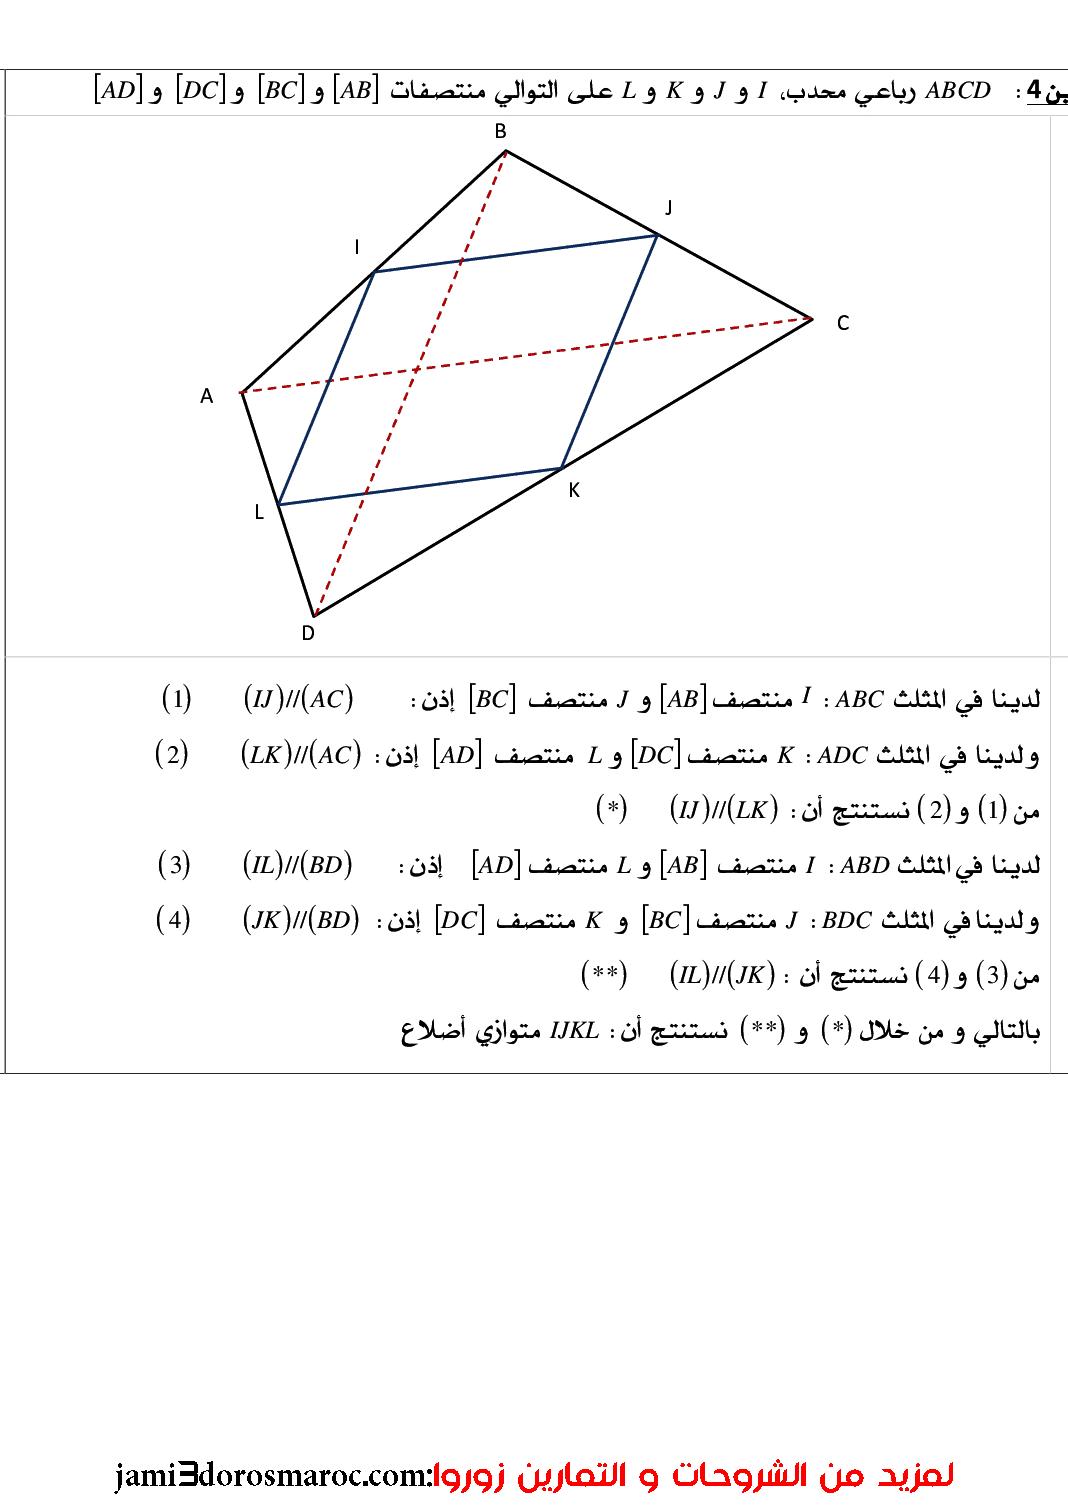 تمارين و حلول في درس التوازي ومنتصفات أضلاع مثلث الثانية إعدادي